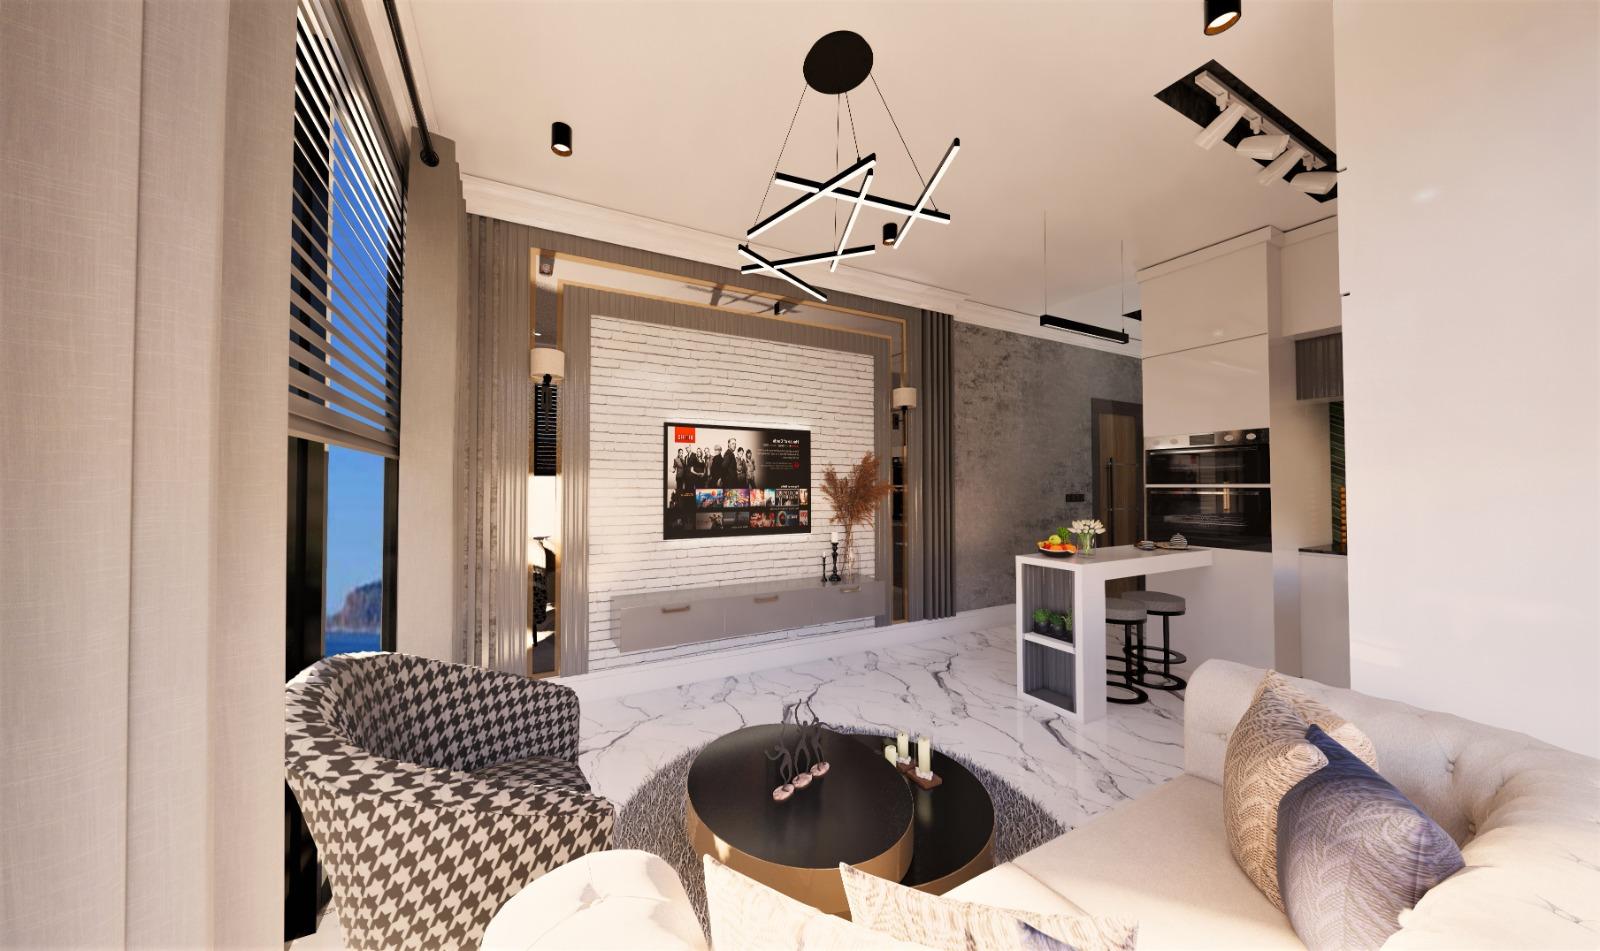 Роскошные квартиры с видом на Средиземное море в элитном районе - Фото 24